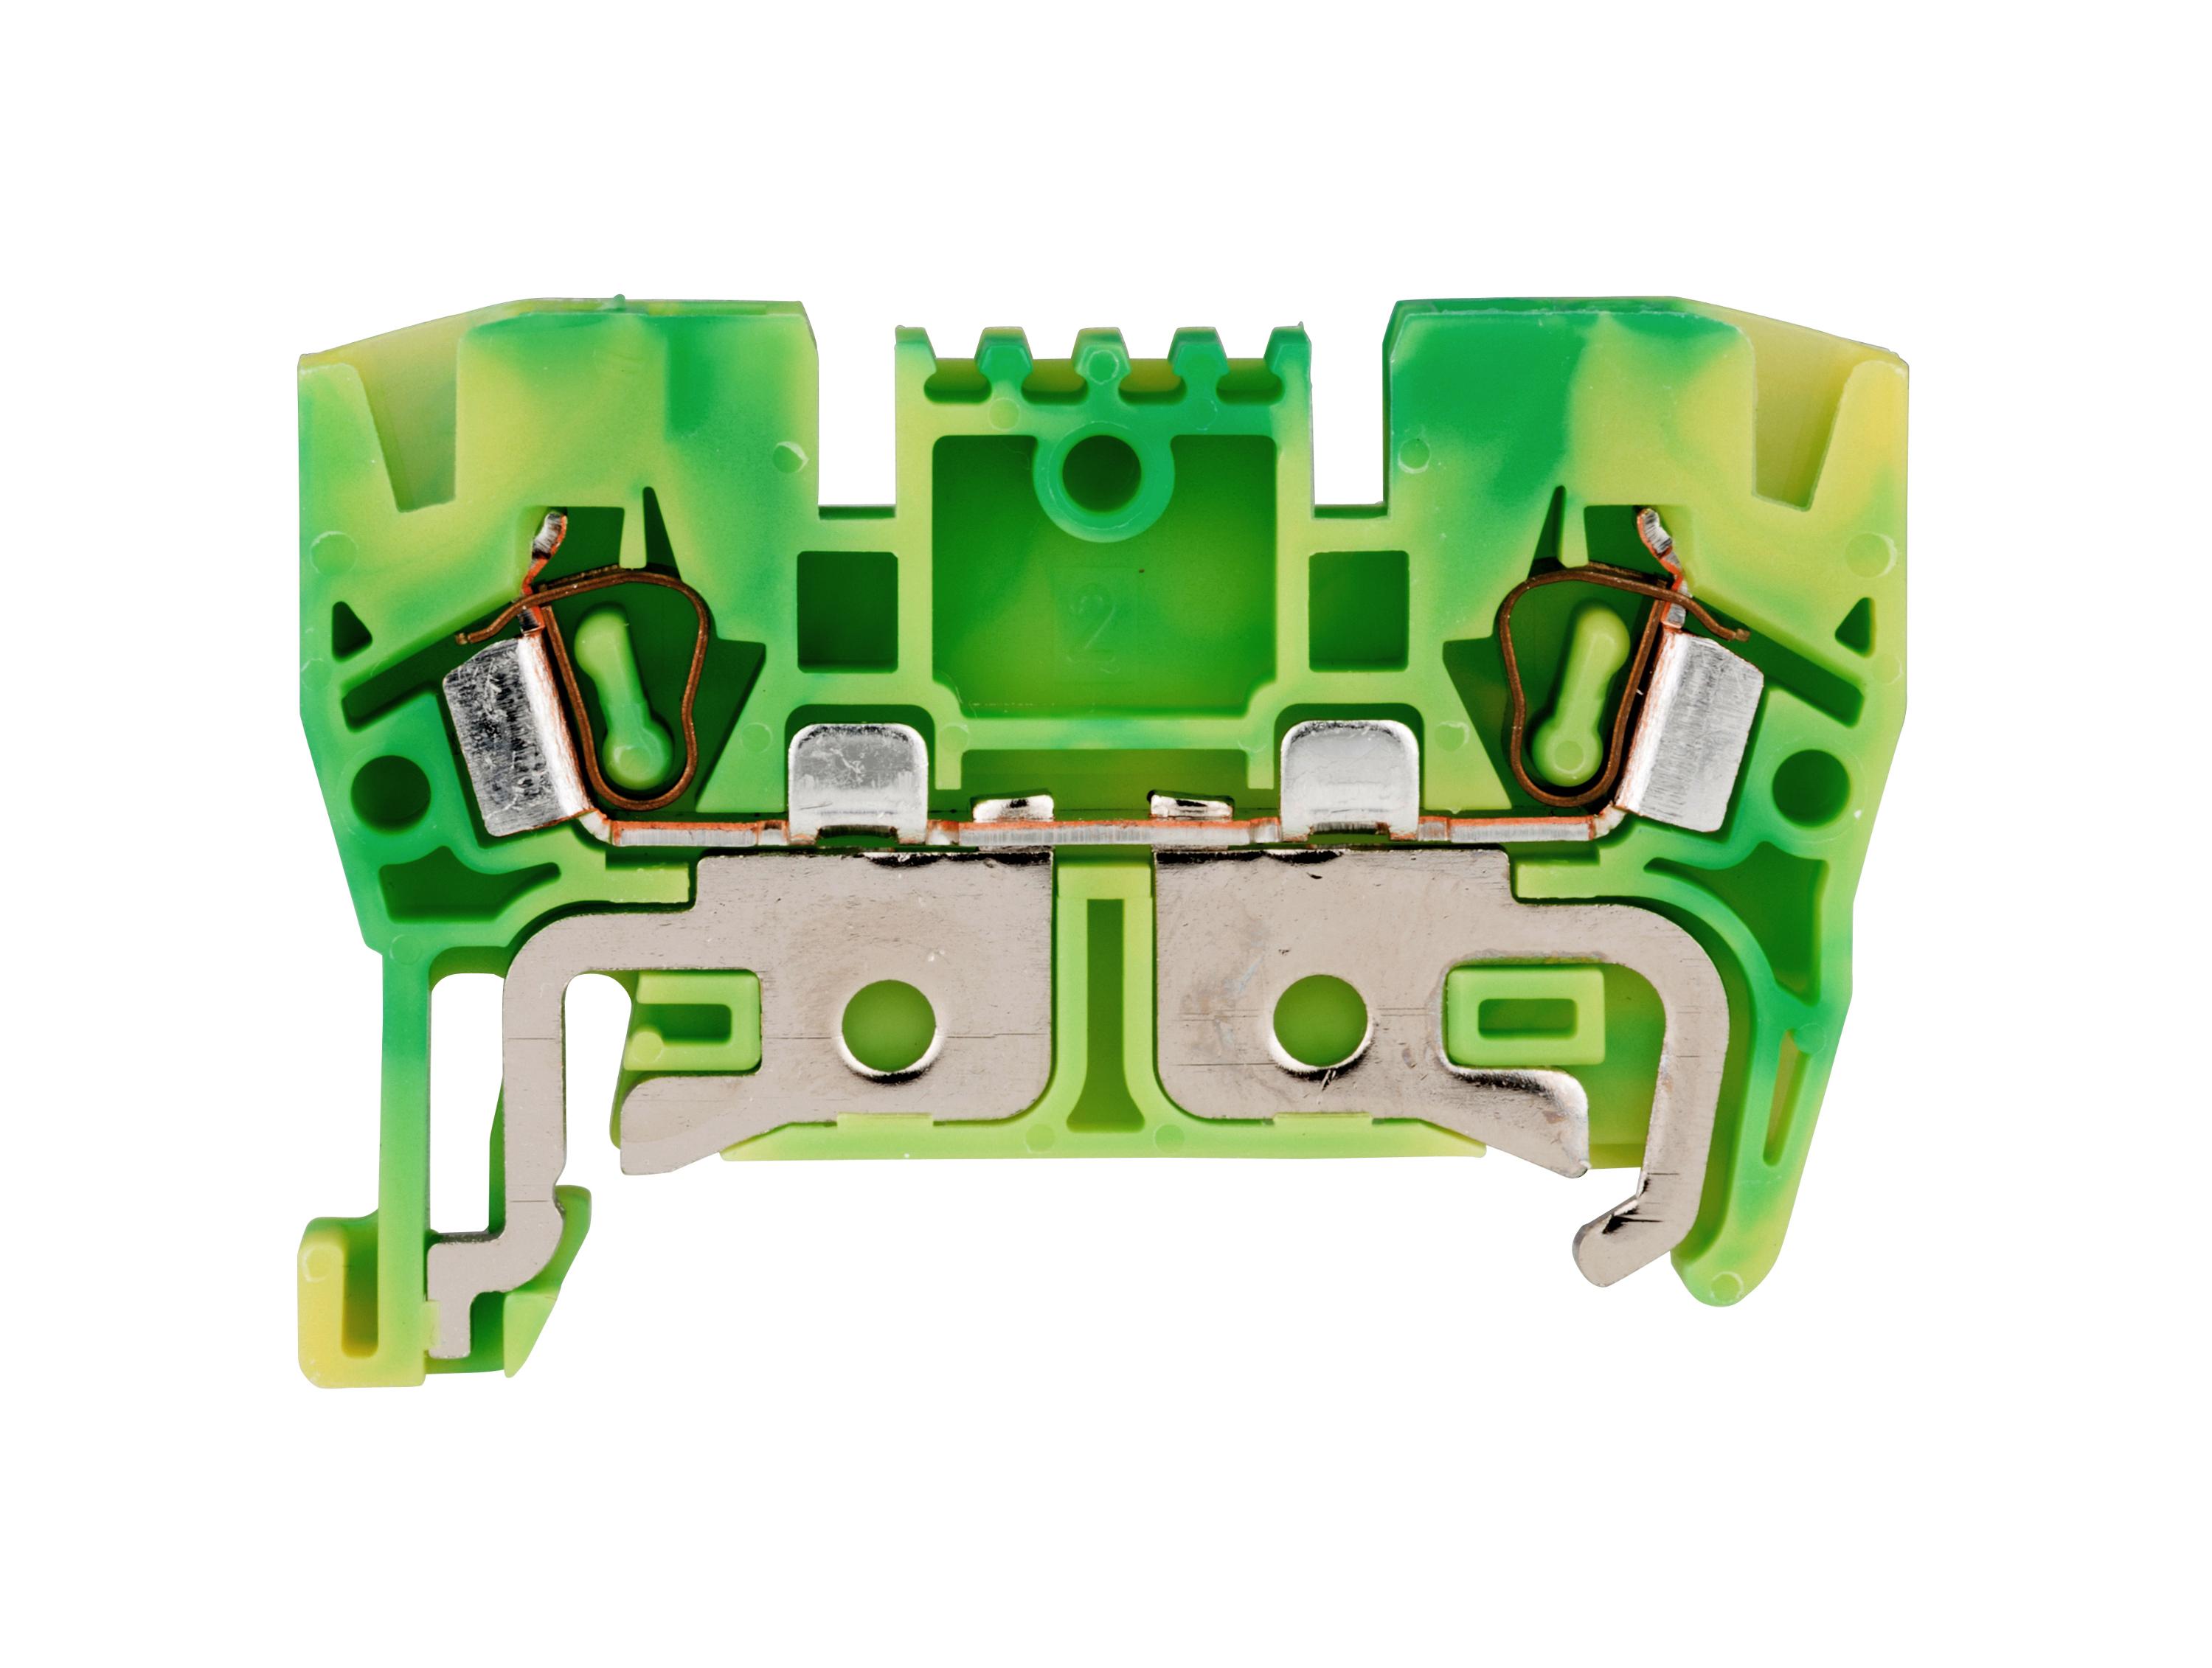 1 Stk Schutzleiter-Federkraftklemme 2,5mm², Type YBK2,5T gelb-grün IK632002--